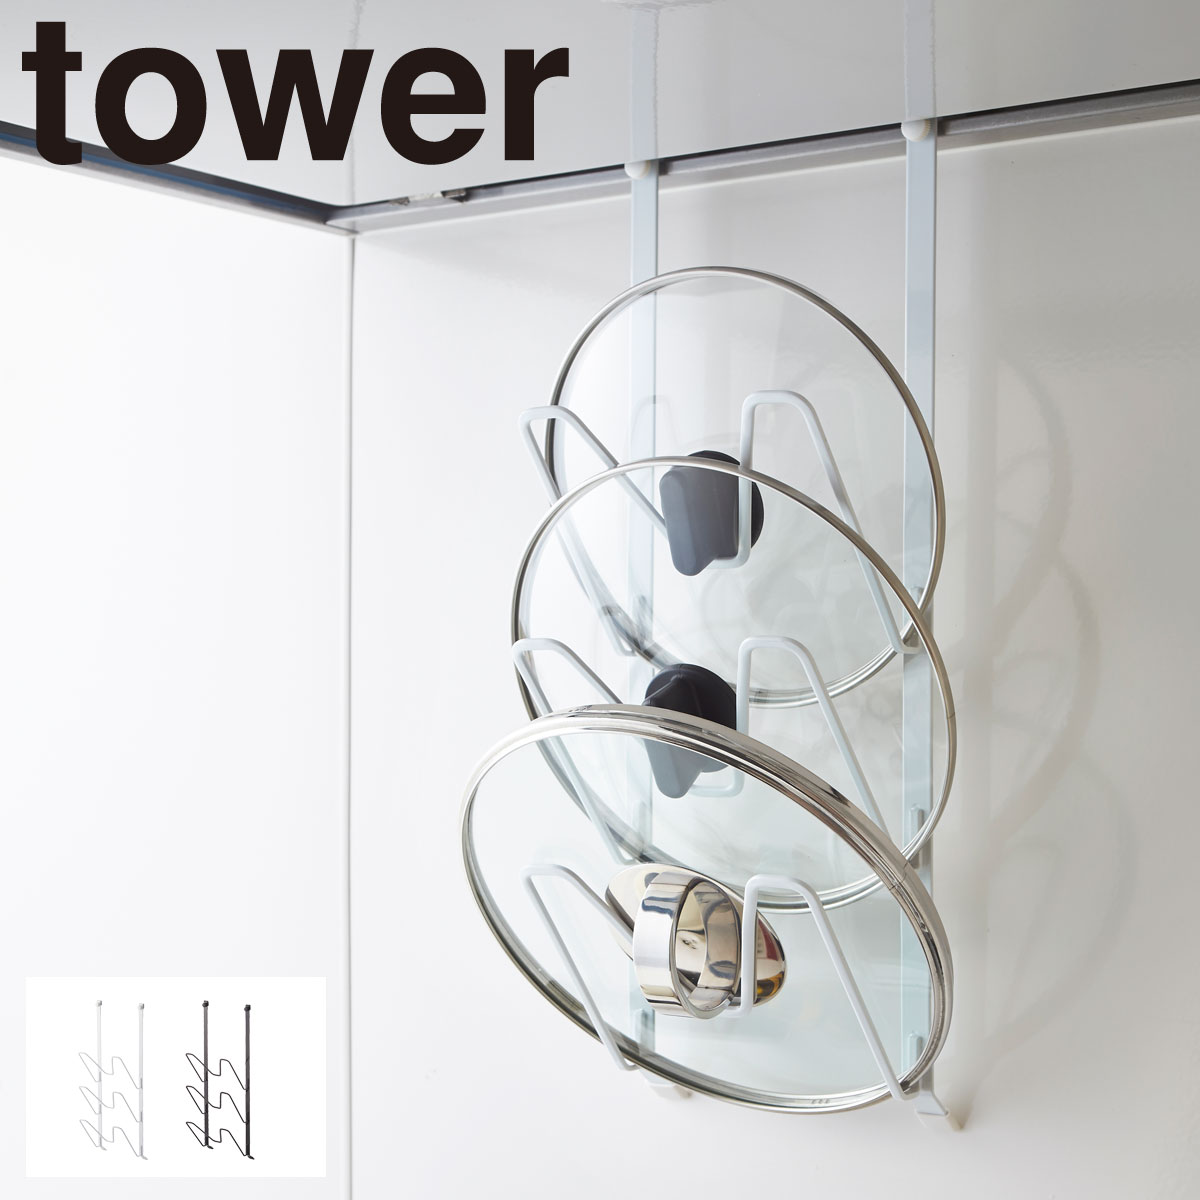 鍋蓋スタンド 鍋蓋 収納 レンジフードなべ蓋ホルダー タワー 白い 黒 tower